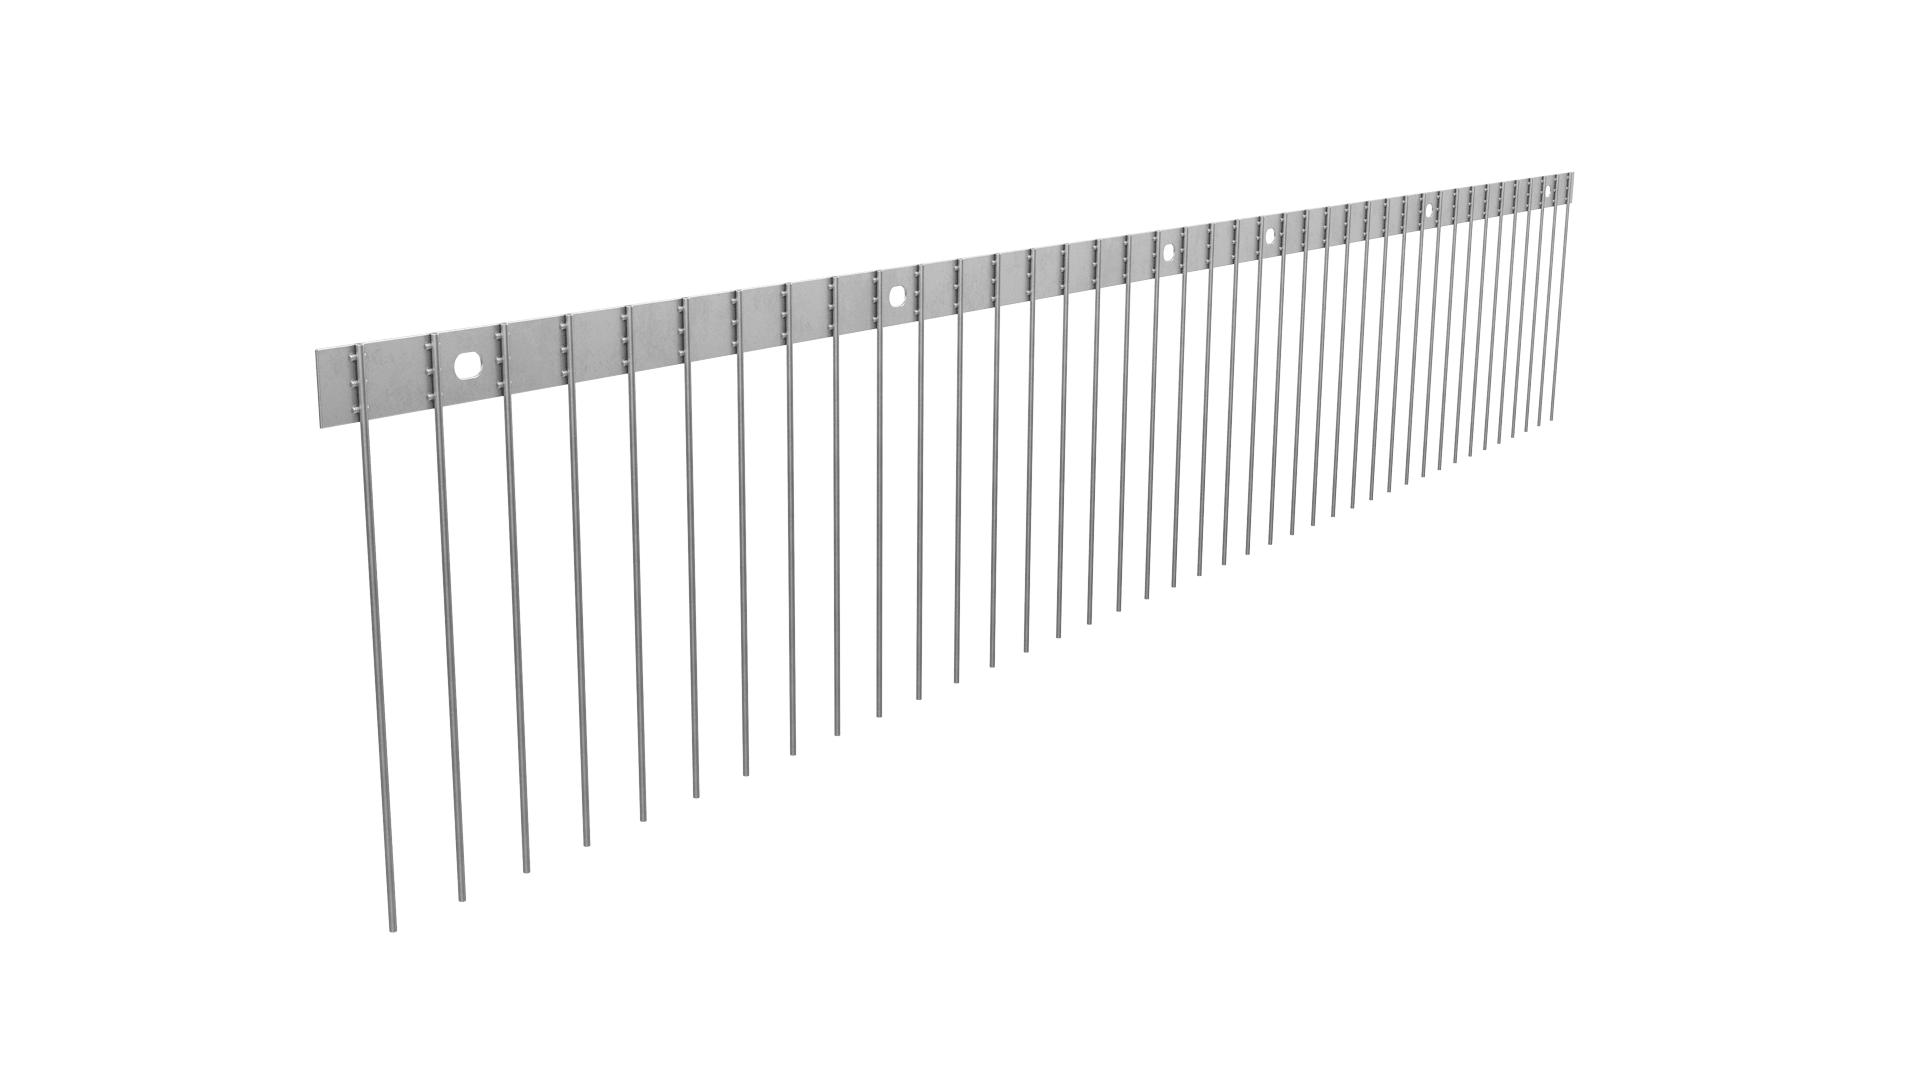 TAS 1er Solarspitzen 1 m lang, Taubenspikes 2.0 mm stark aus Edelstahl Rostfrei